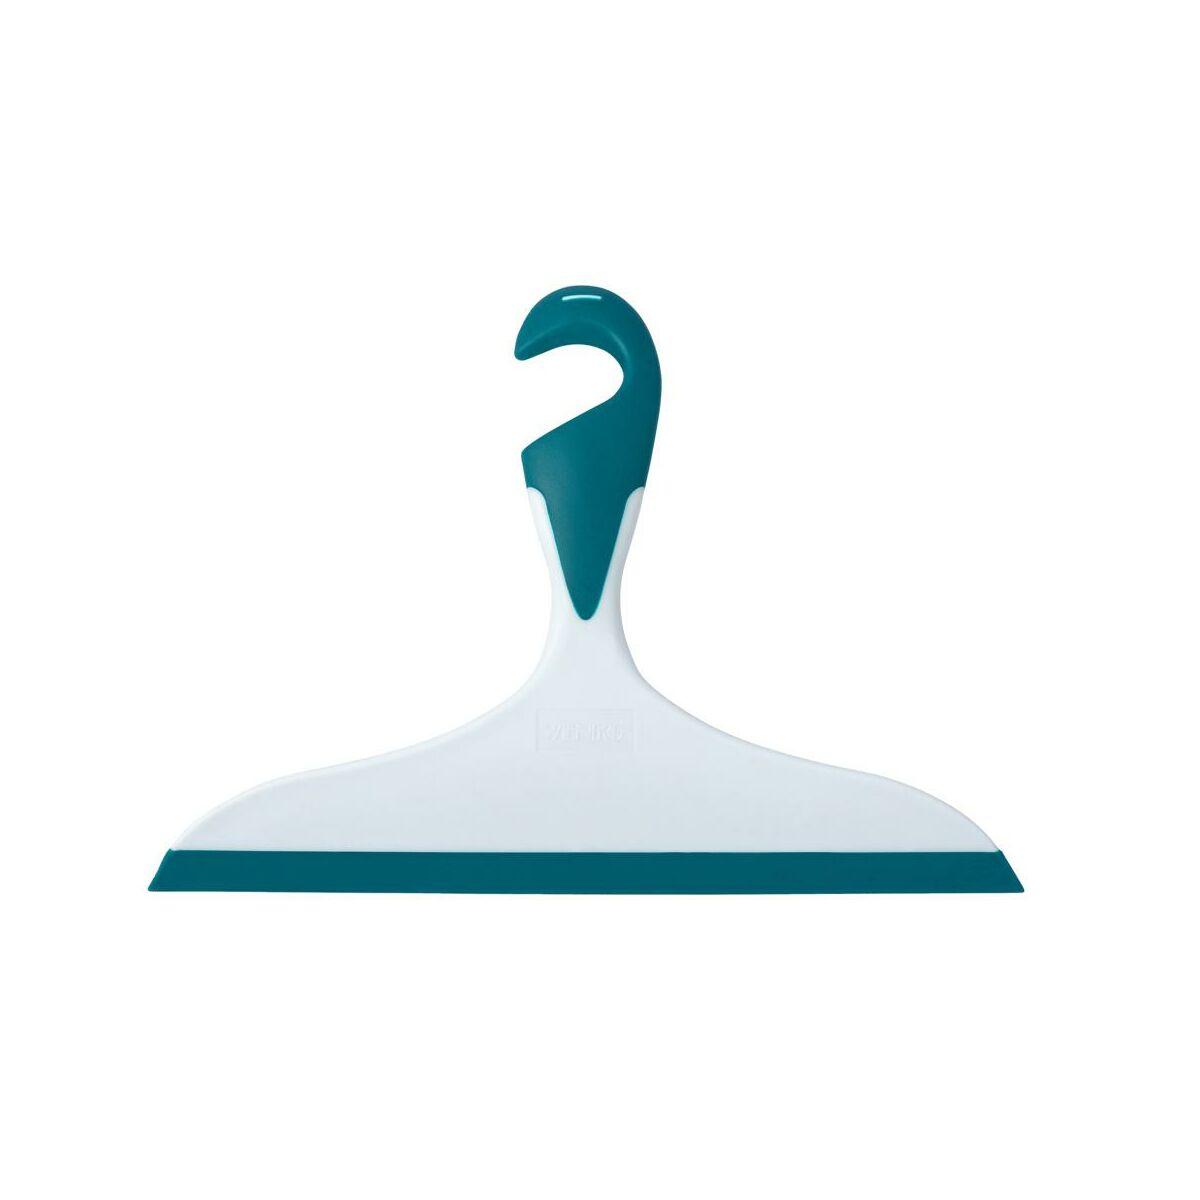 Sciagaczka Do Wody Do Kabiny Prysznicowej Loano Wenko Skrobaki Sciagaczki Do Wody W Atrakcyjnej Cenie W Sklepach Leroy Merlin